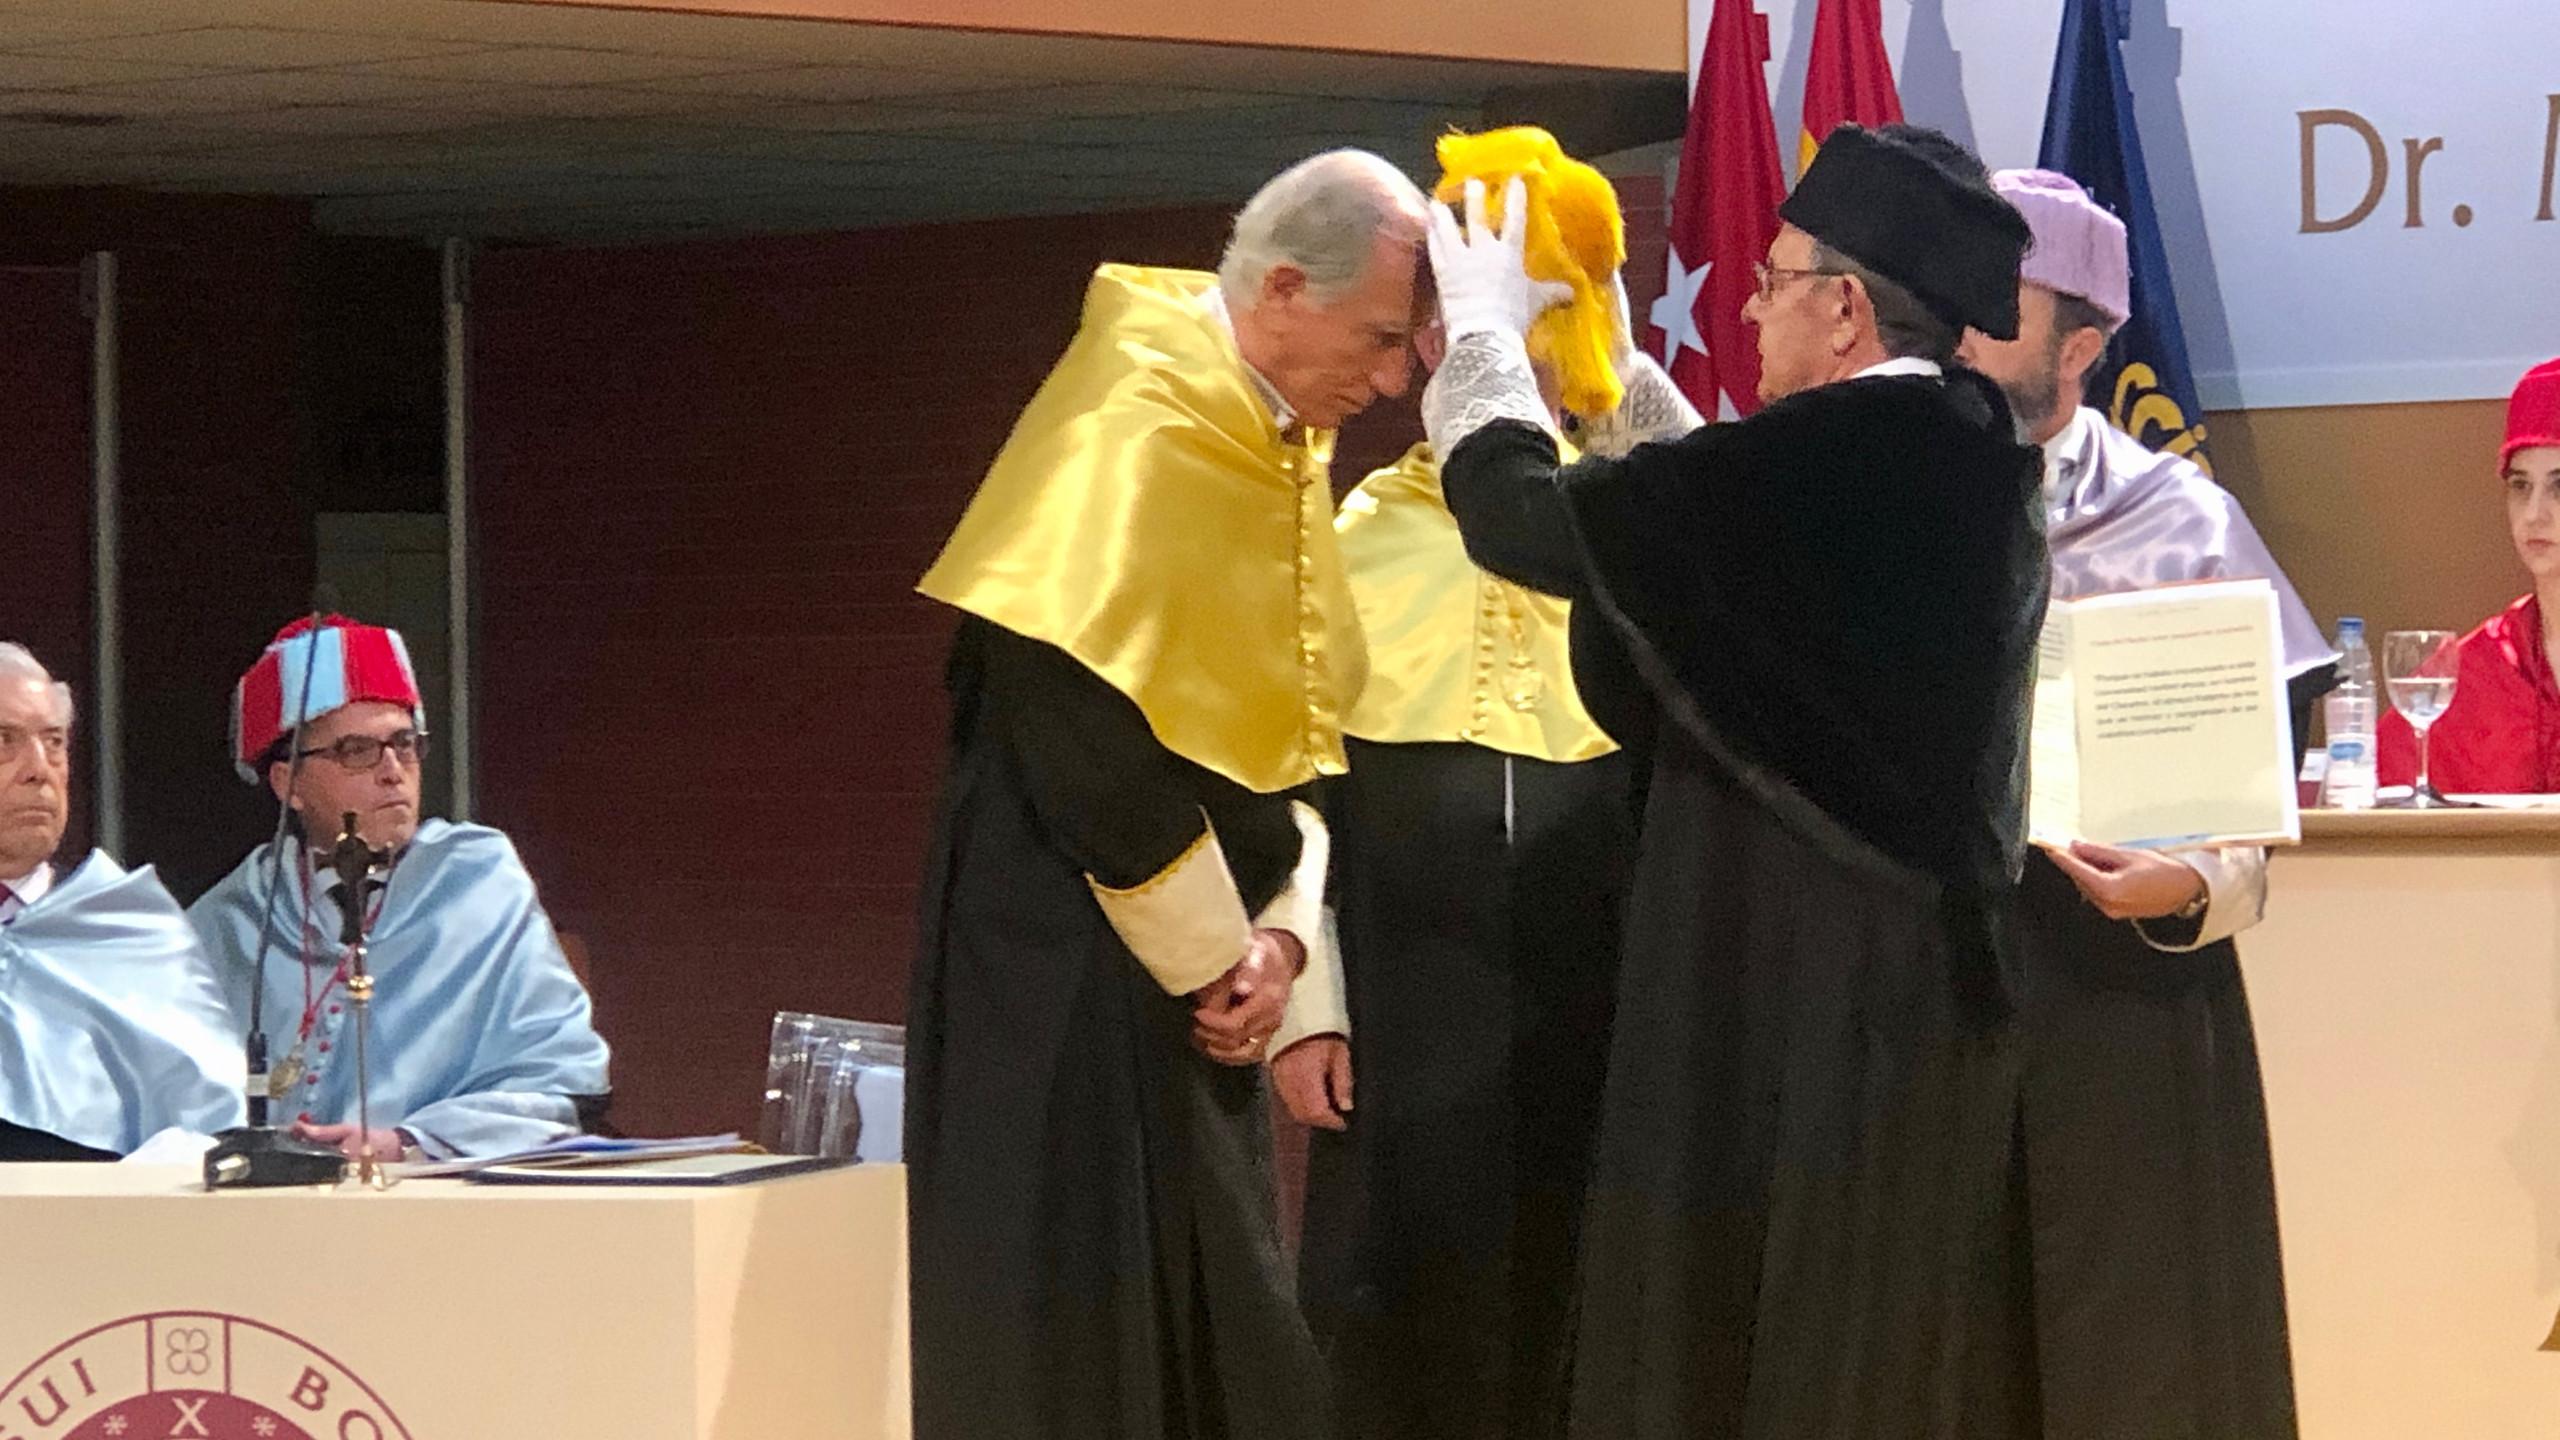 Enrique Moreno Doctor Honoris Causa